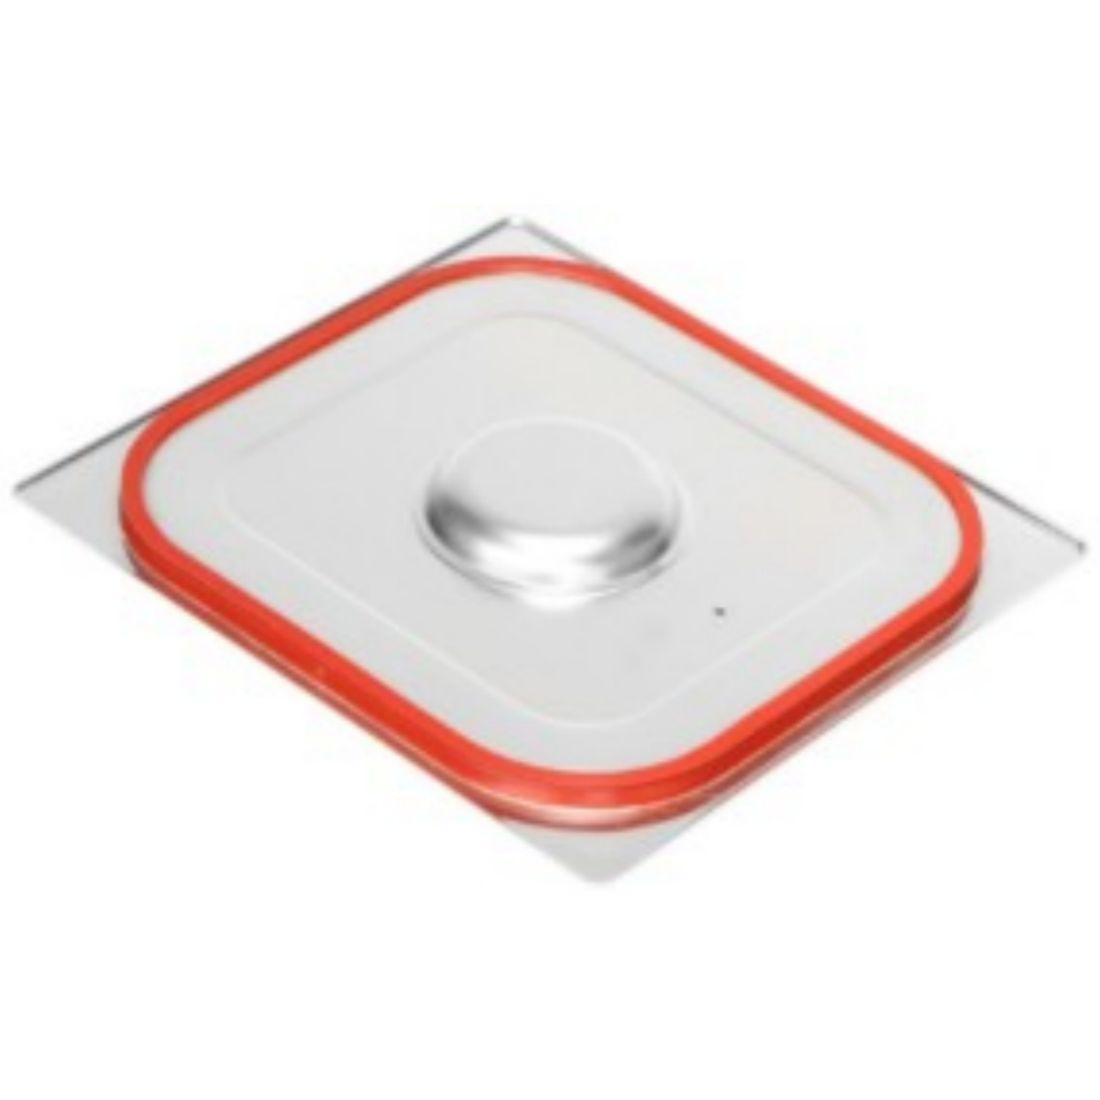 Víko se silikonovým těsněním na gastronádoby na Standard bez úchytů GN 2/3